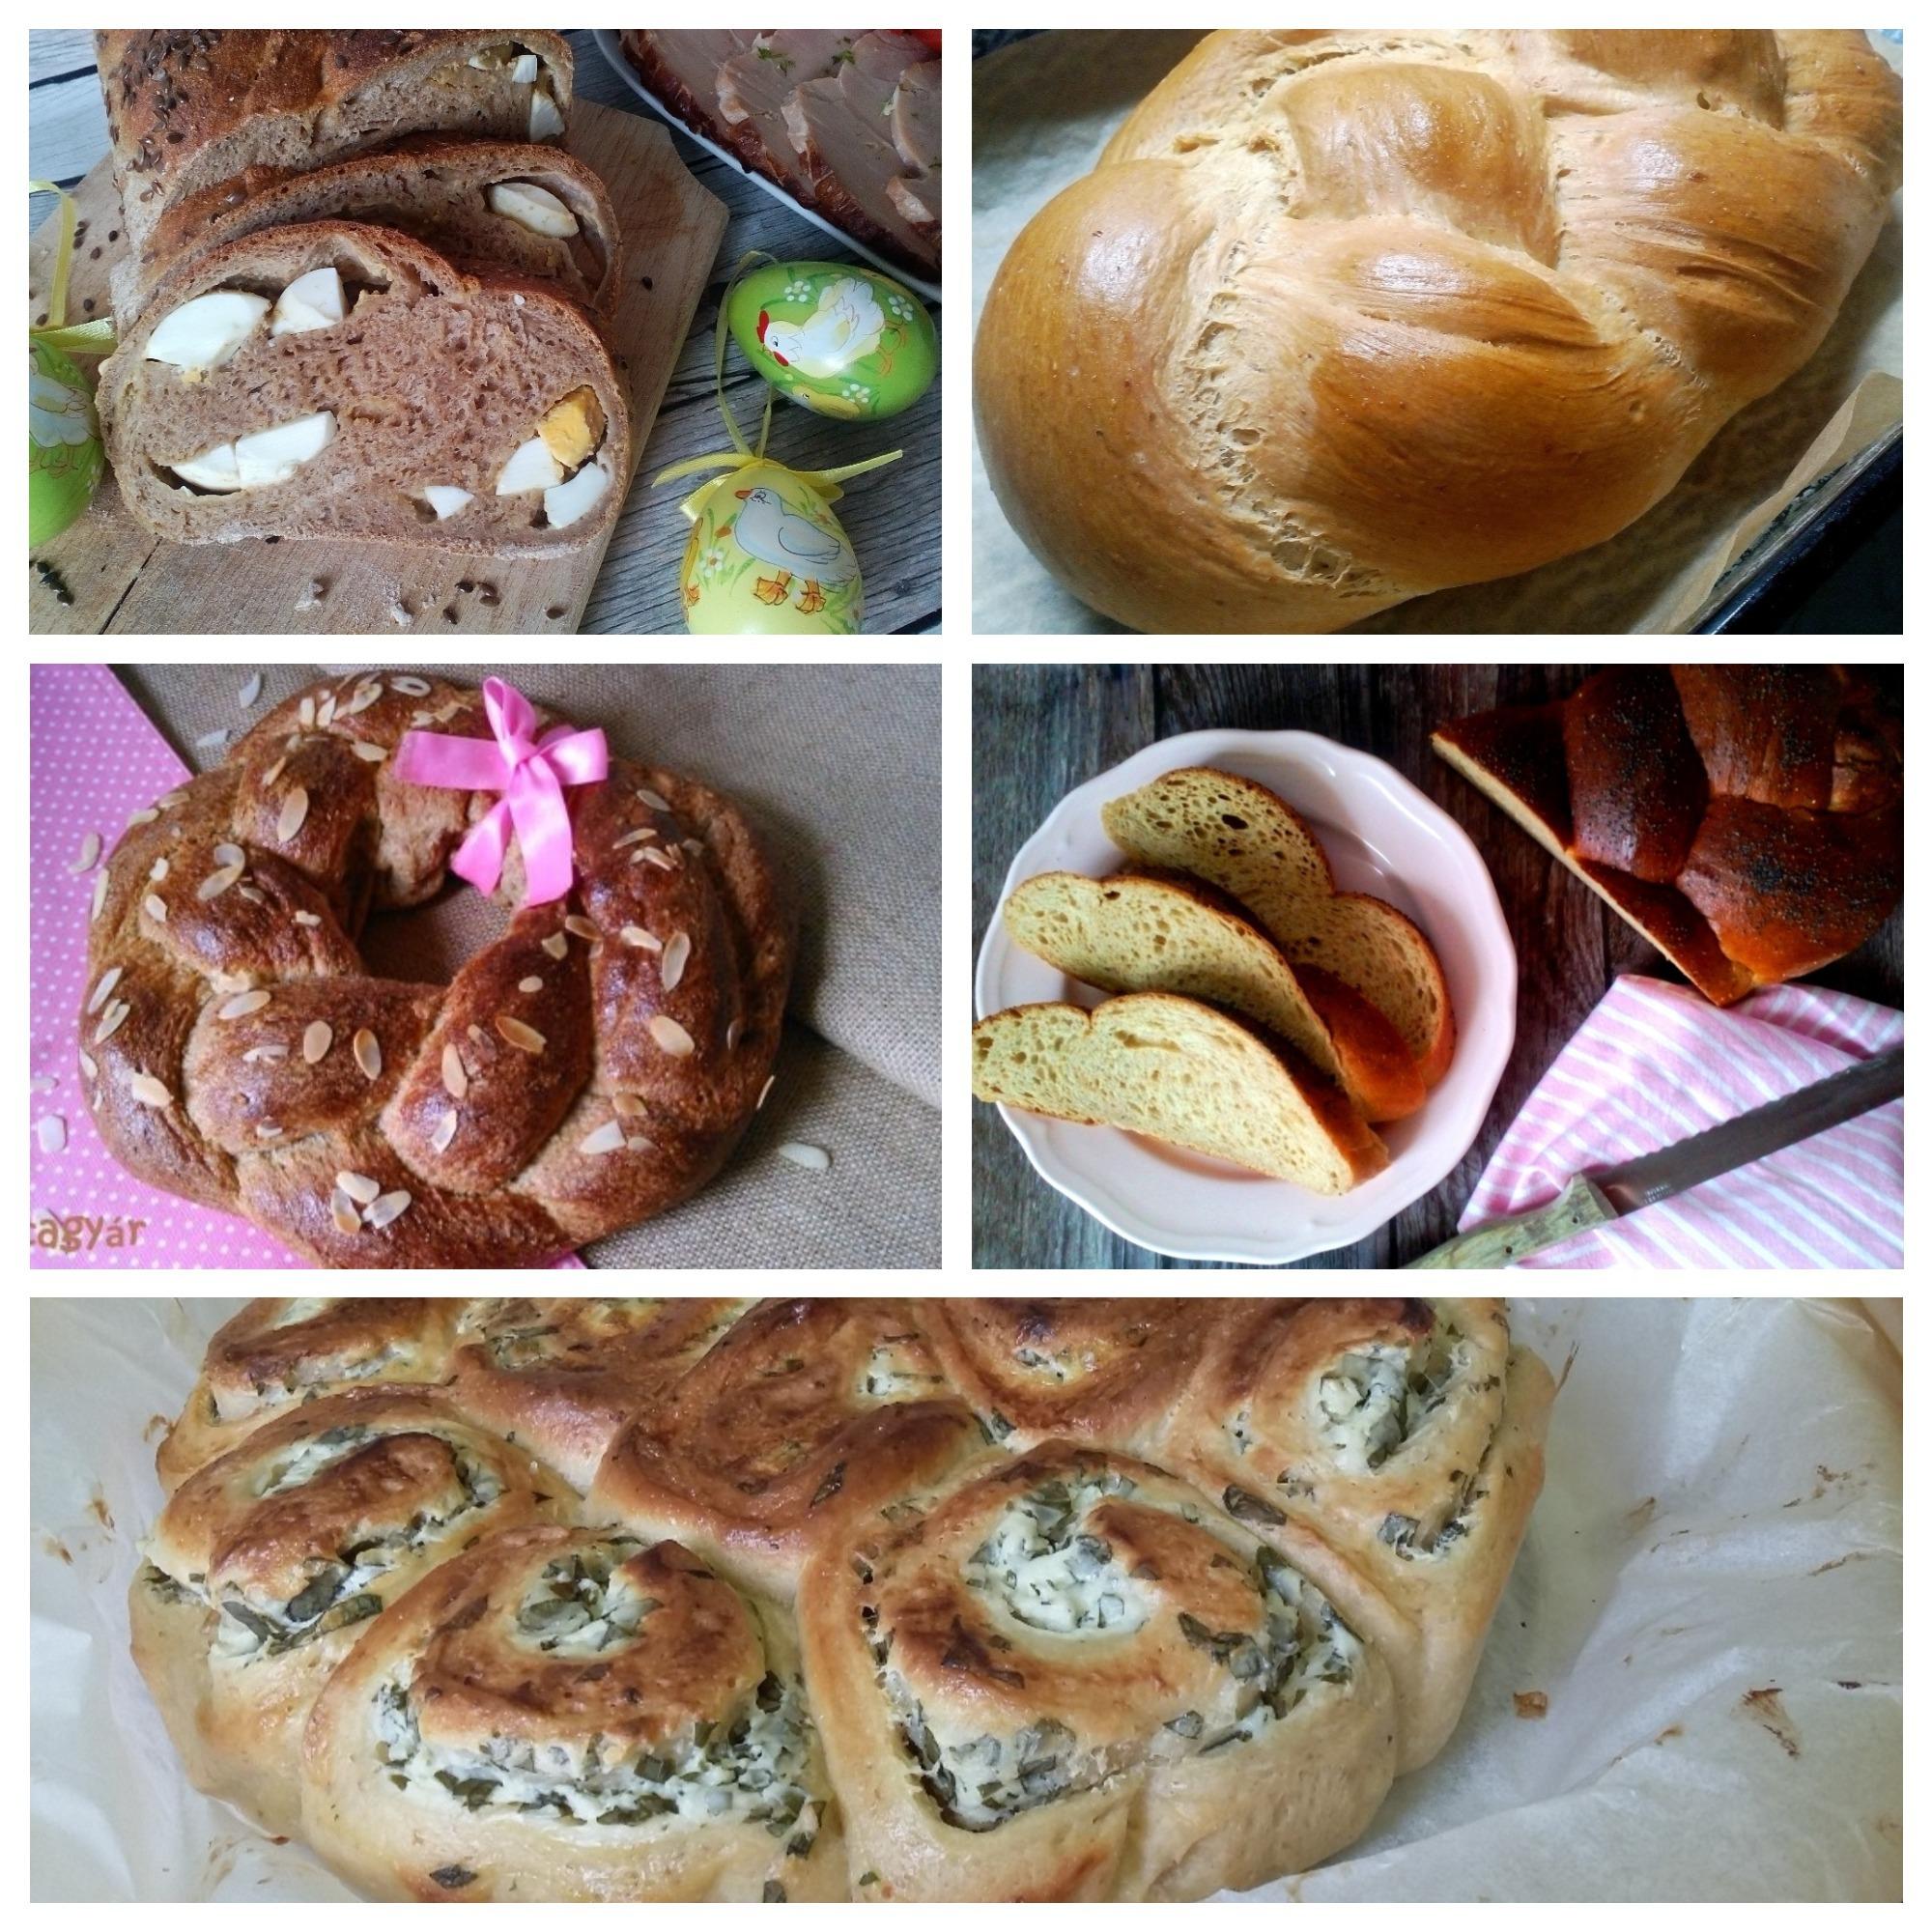 TOP5 Diétás húsvéti kalács ötlet az ünnepi asztalra!